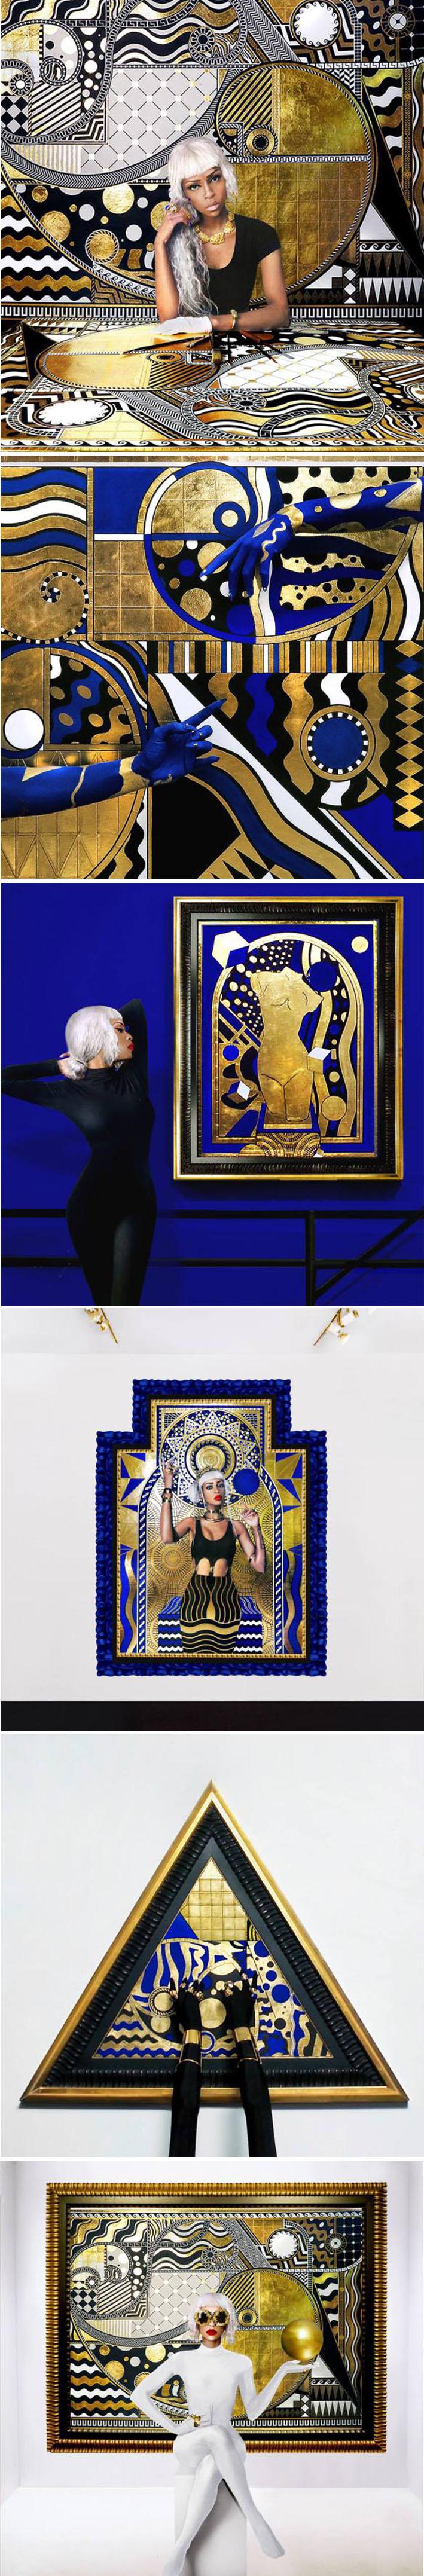 A artista Lina Iris Viktor mescla alta moda com hip hop e desenhos geométricos Art Nouveau stylo urbano-4